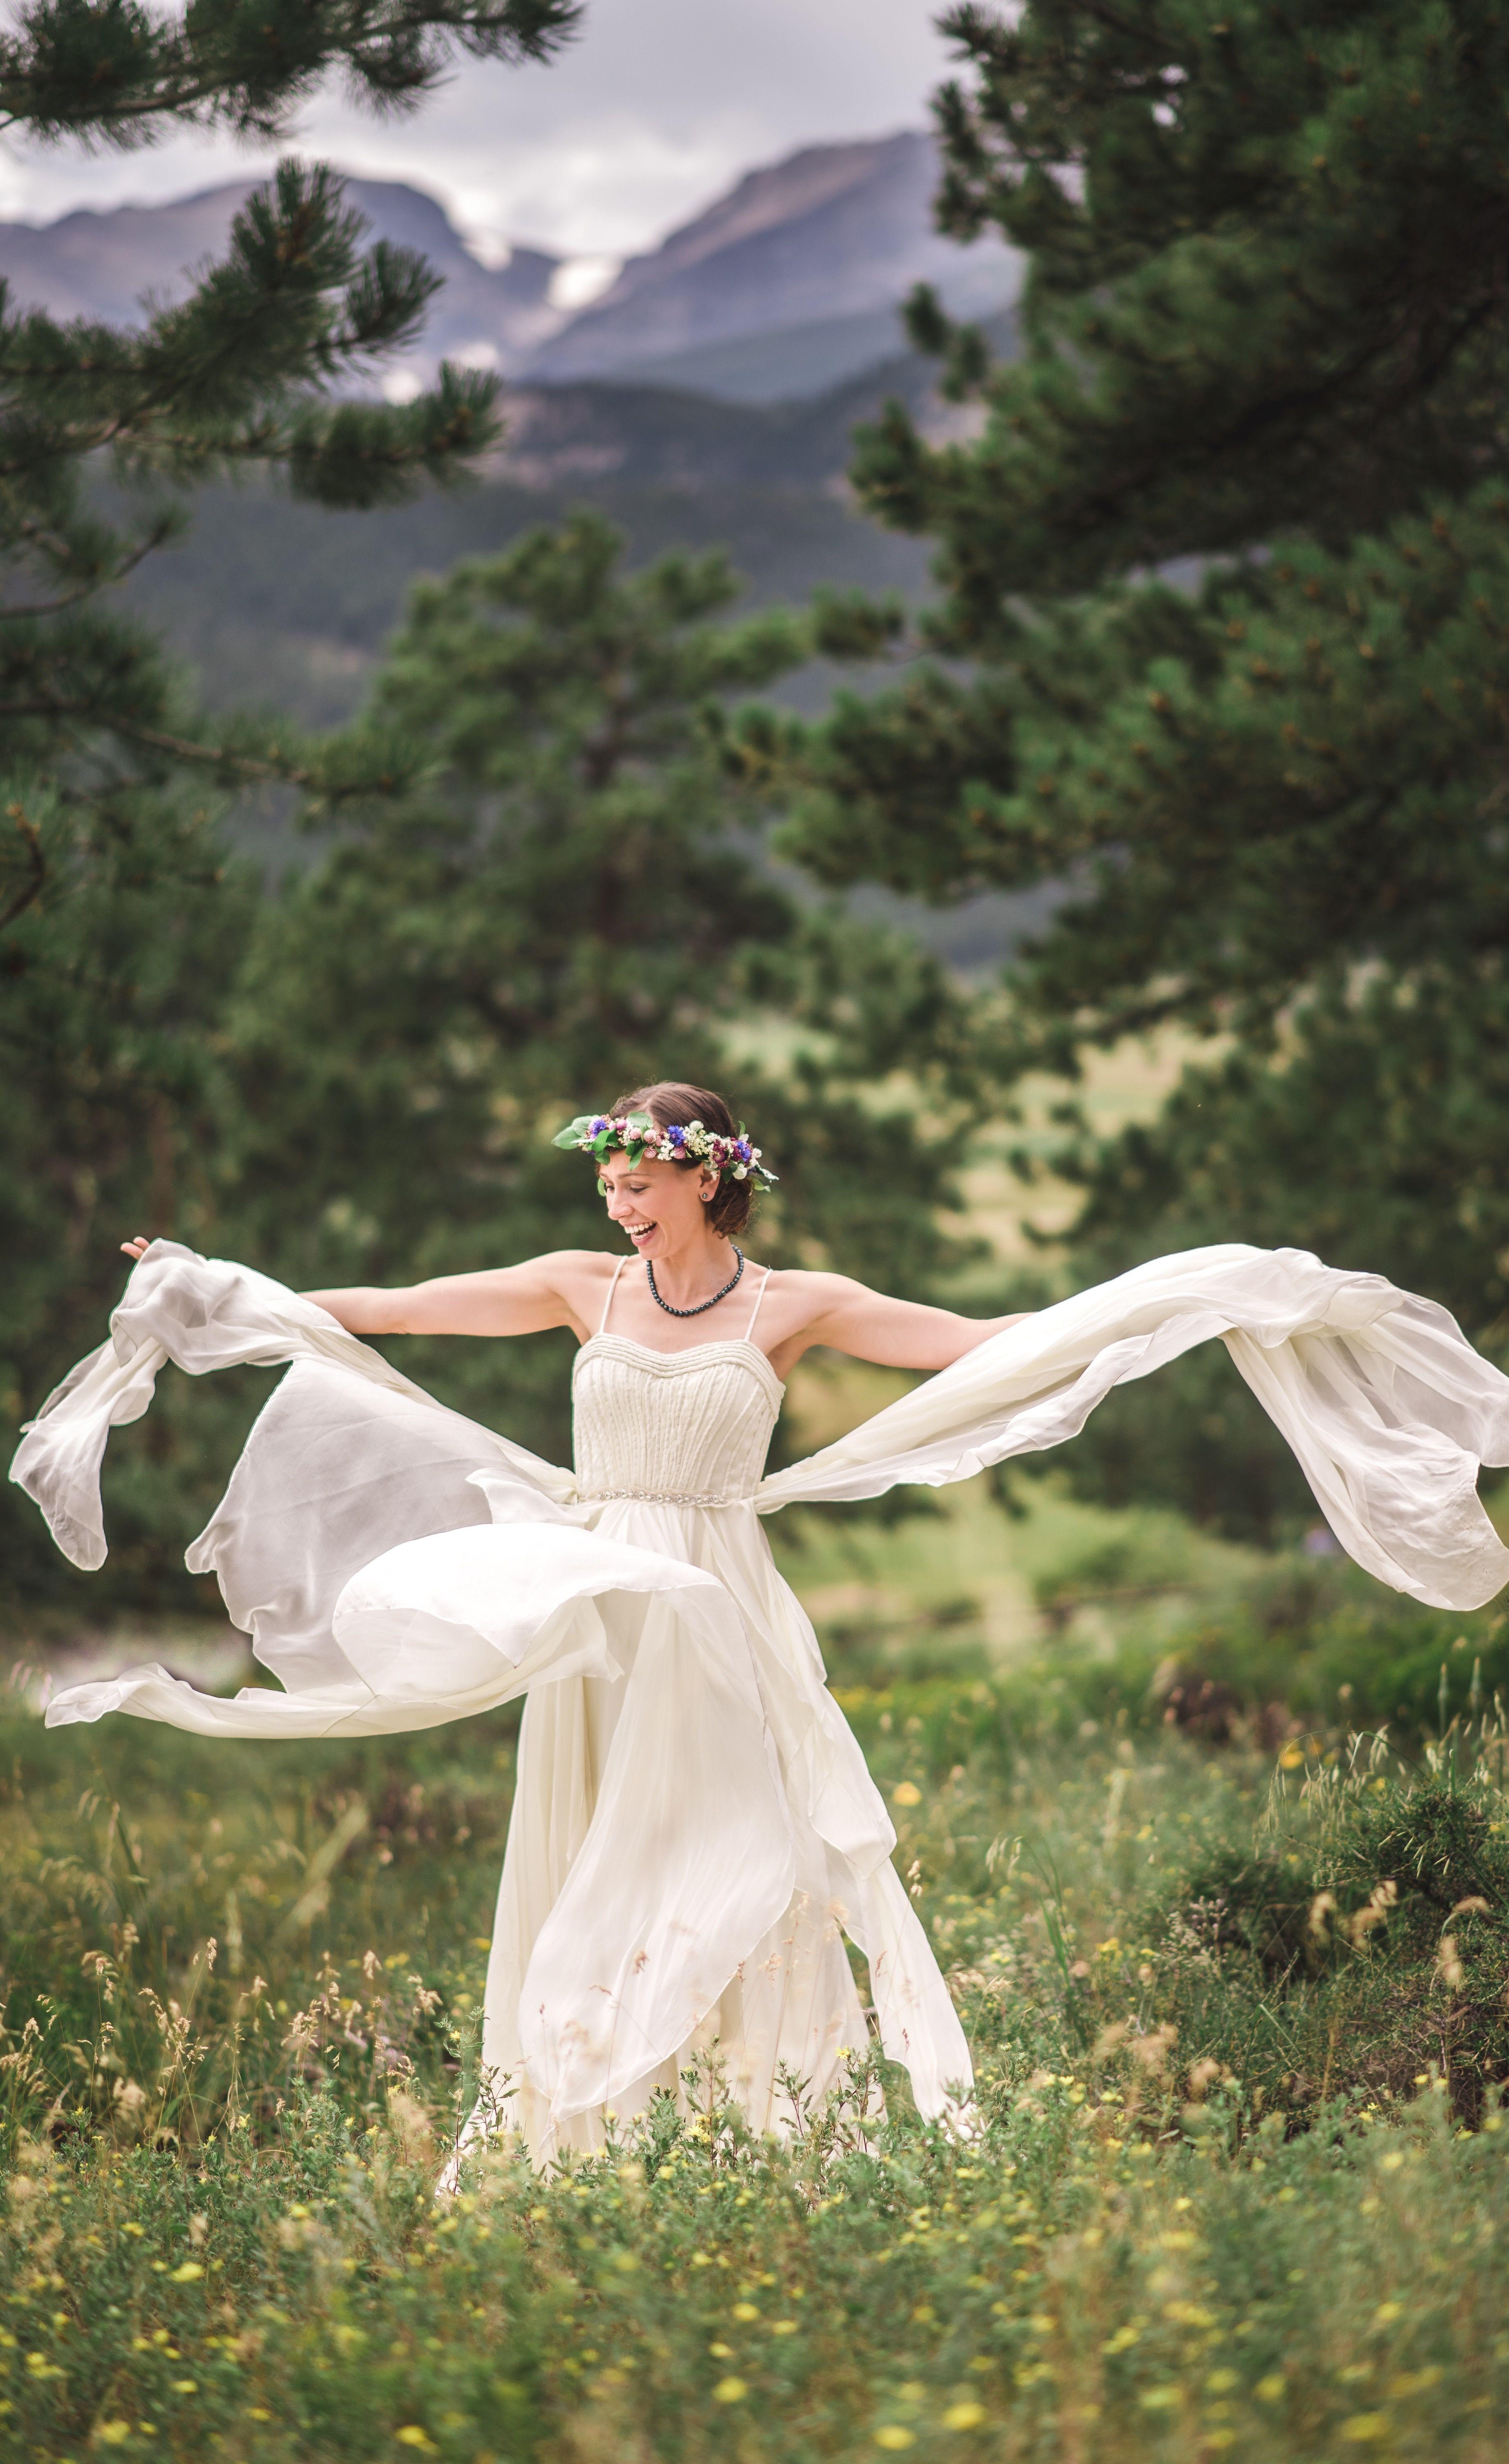 Garrett u brittany dress ideas wedding dress and summer weddings